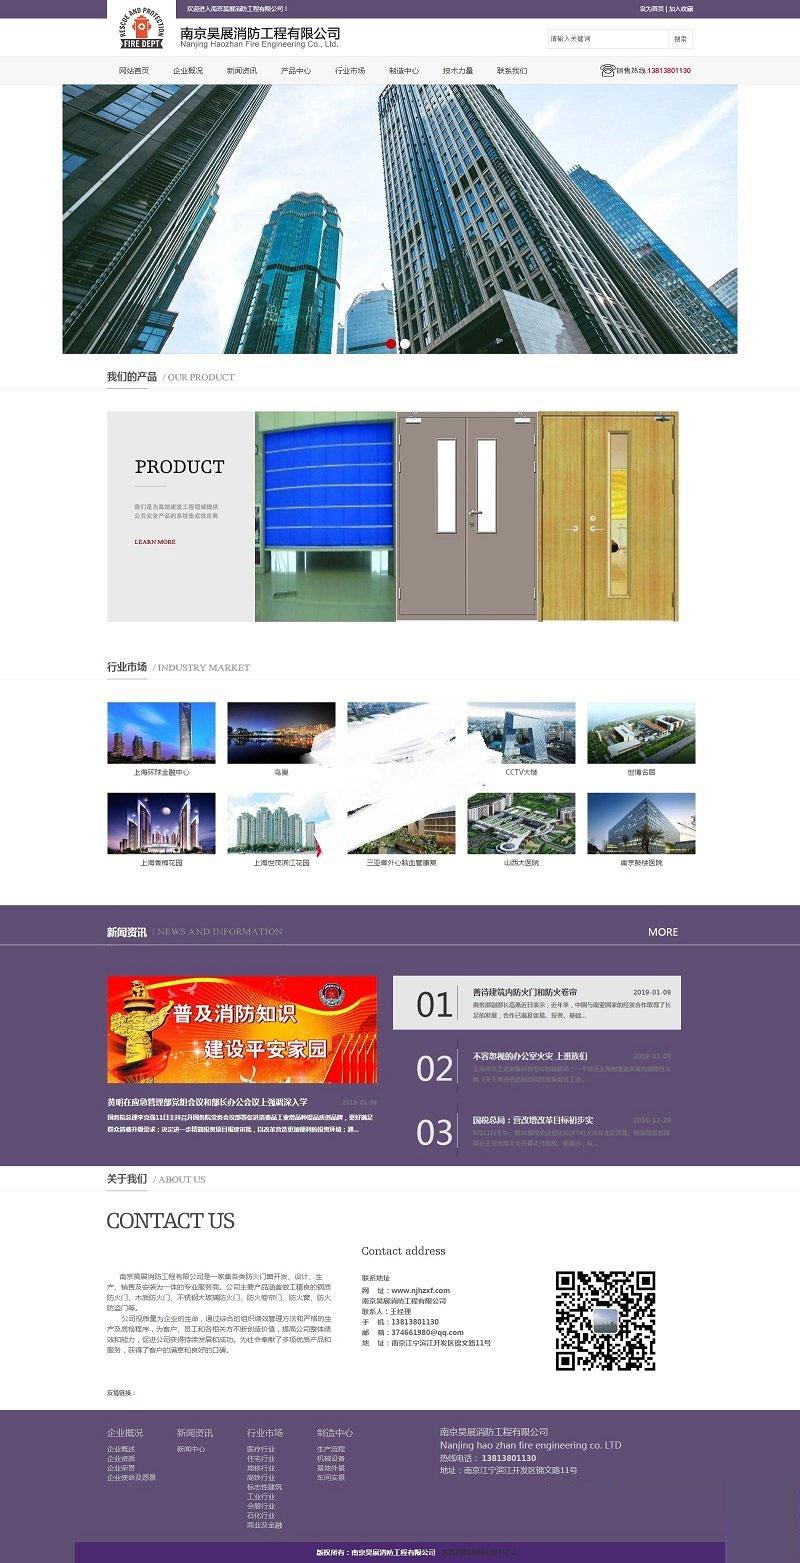 消防工程公司网站 织梦dedecms模板-律白资源博客